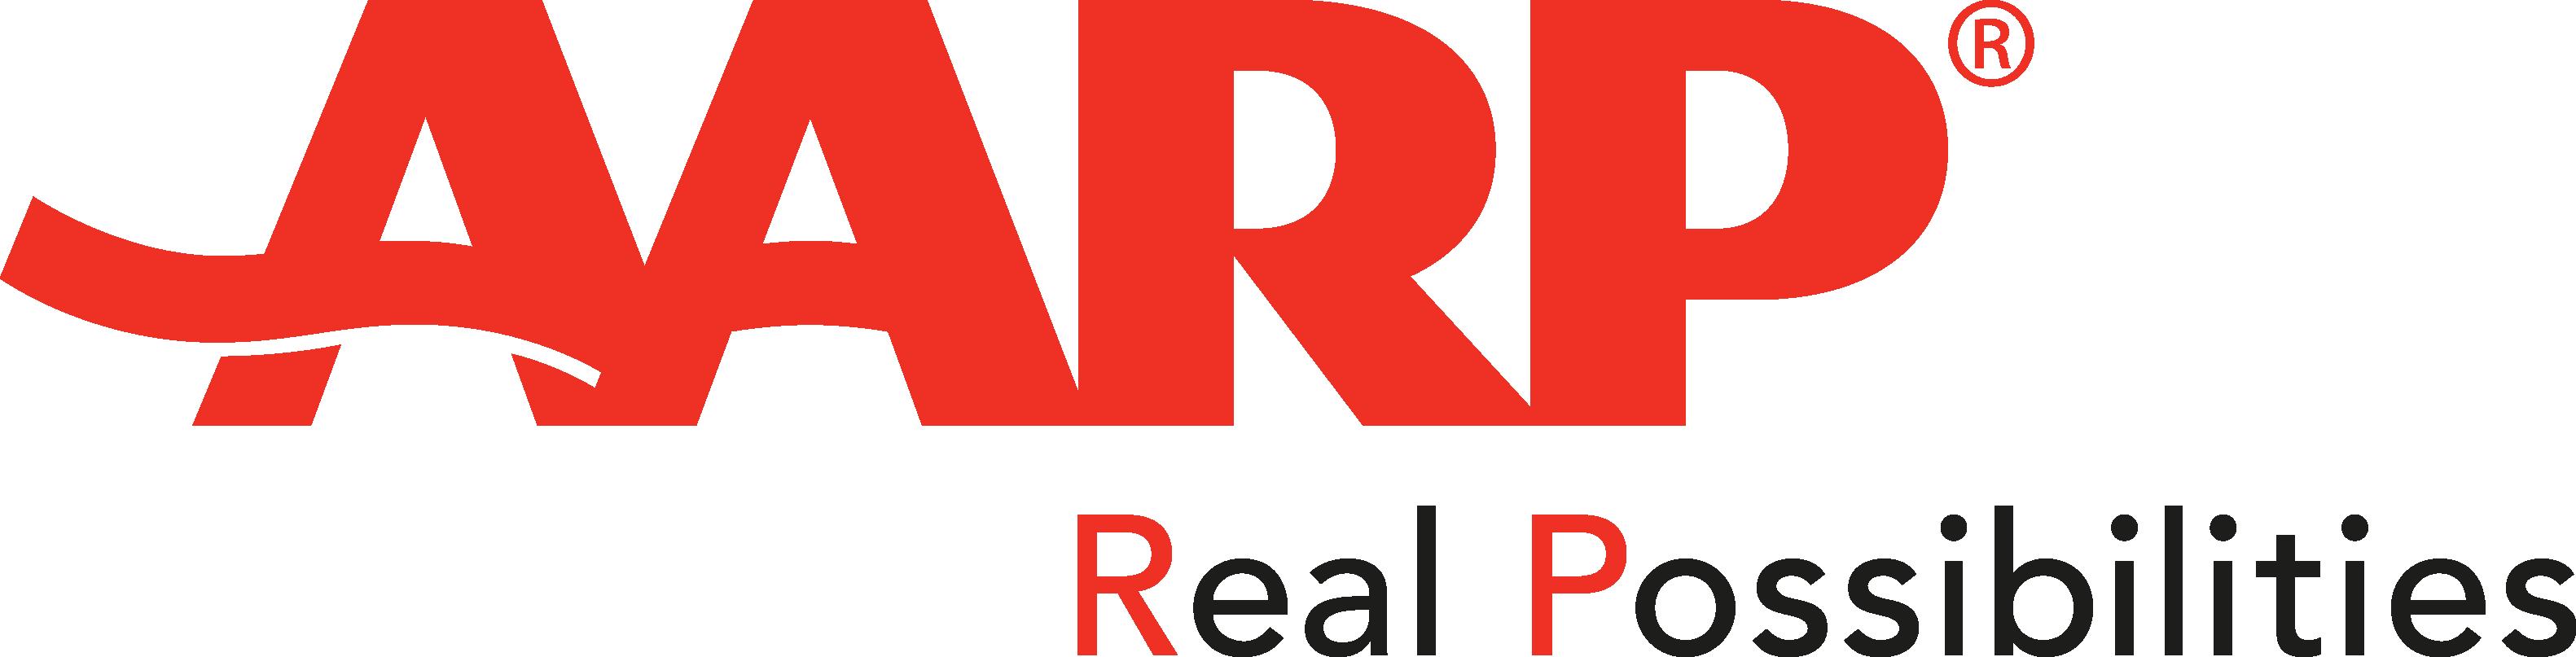 AARP Logo - Aarp Logo Vector PNG - Adra Logo Vector PNG